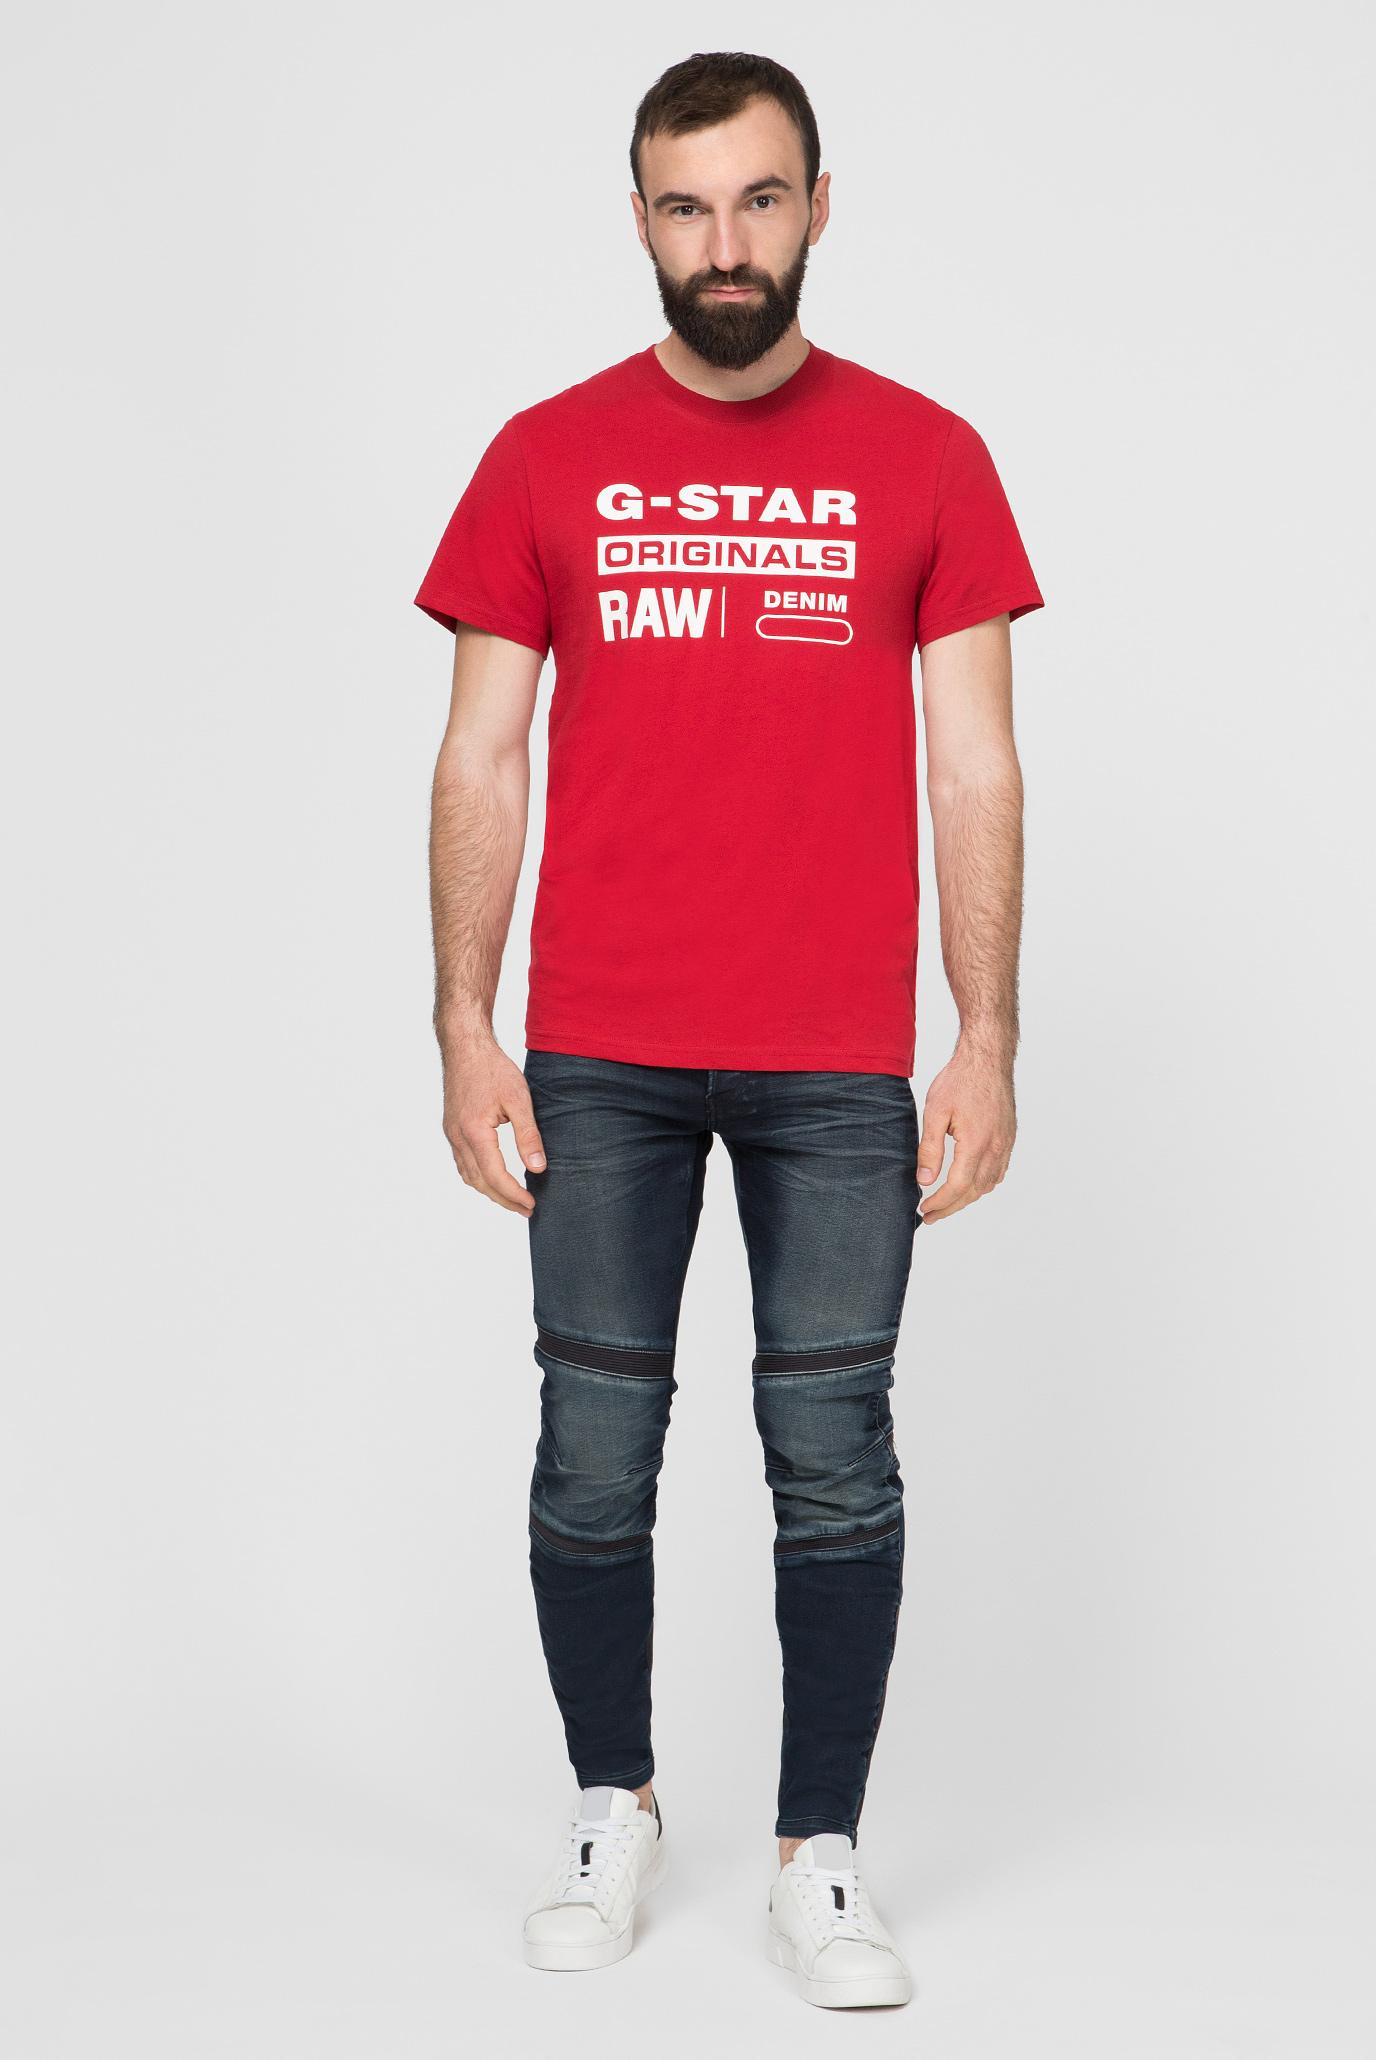 Купить Мужские темно-синие джинсы Motac Deconstructed 3D Slim G-Star RAW G-Star RAW D06154,9615 – Киев, Украина. Цены в интернет магазине MD Fashion